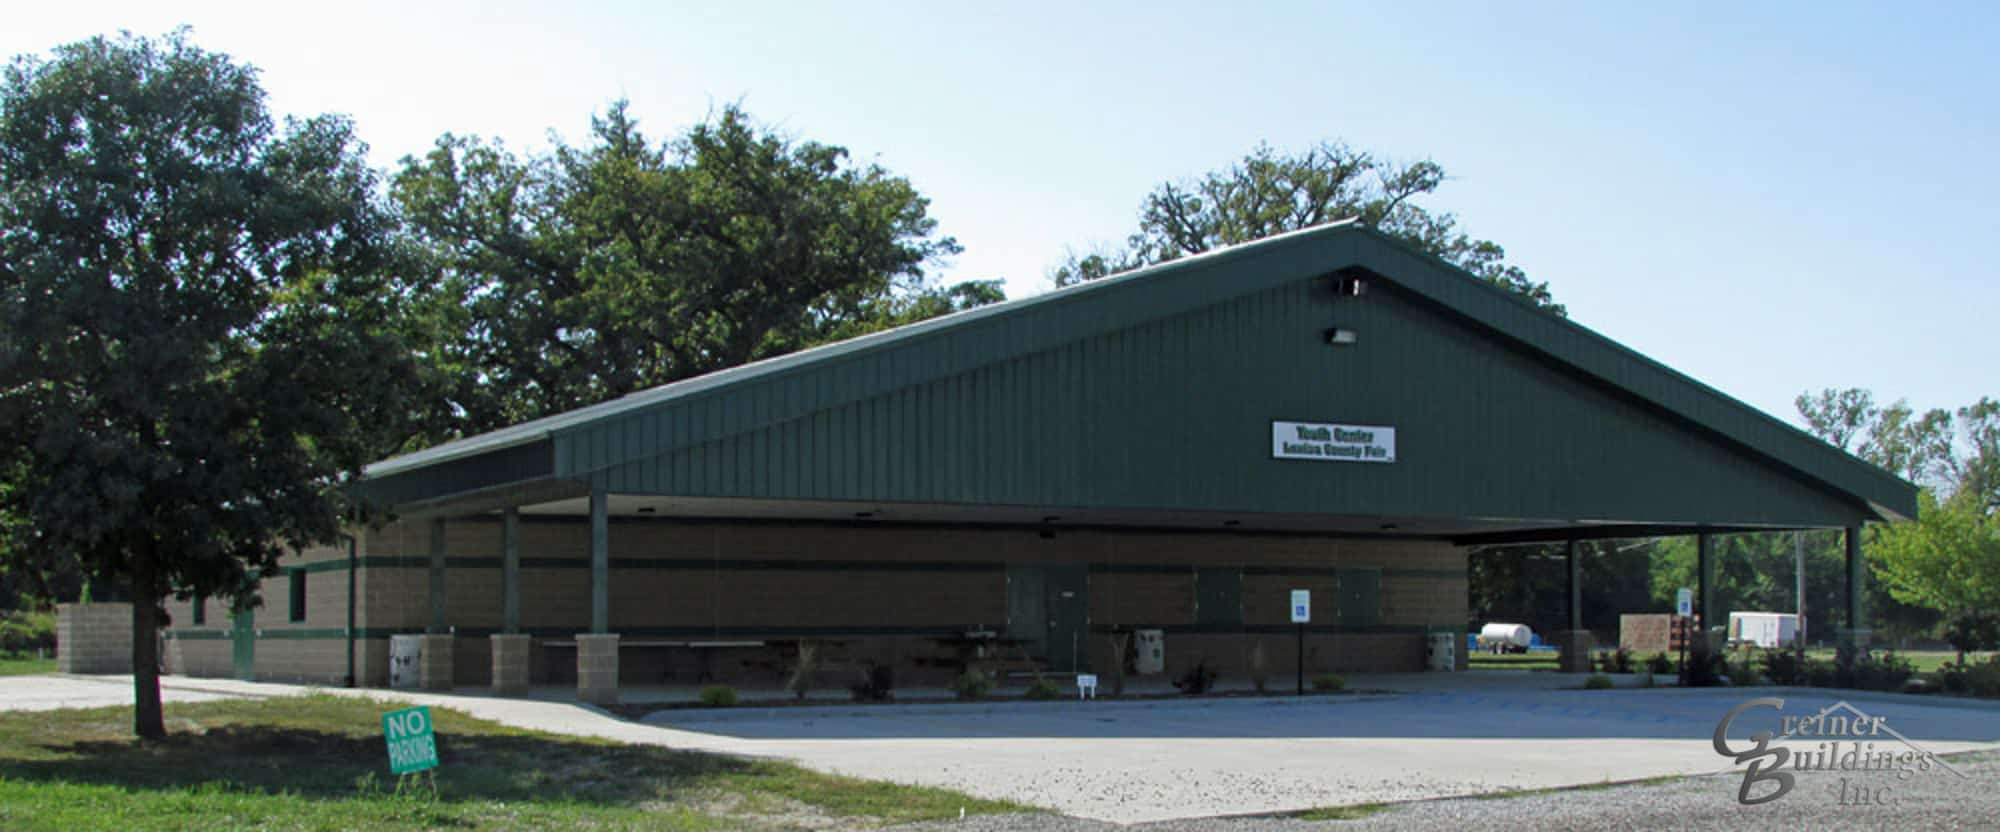 metal community center park pavilion